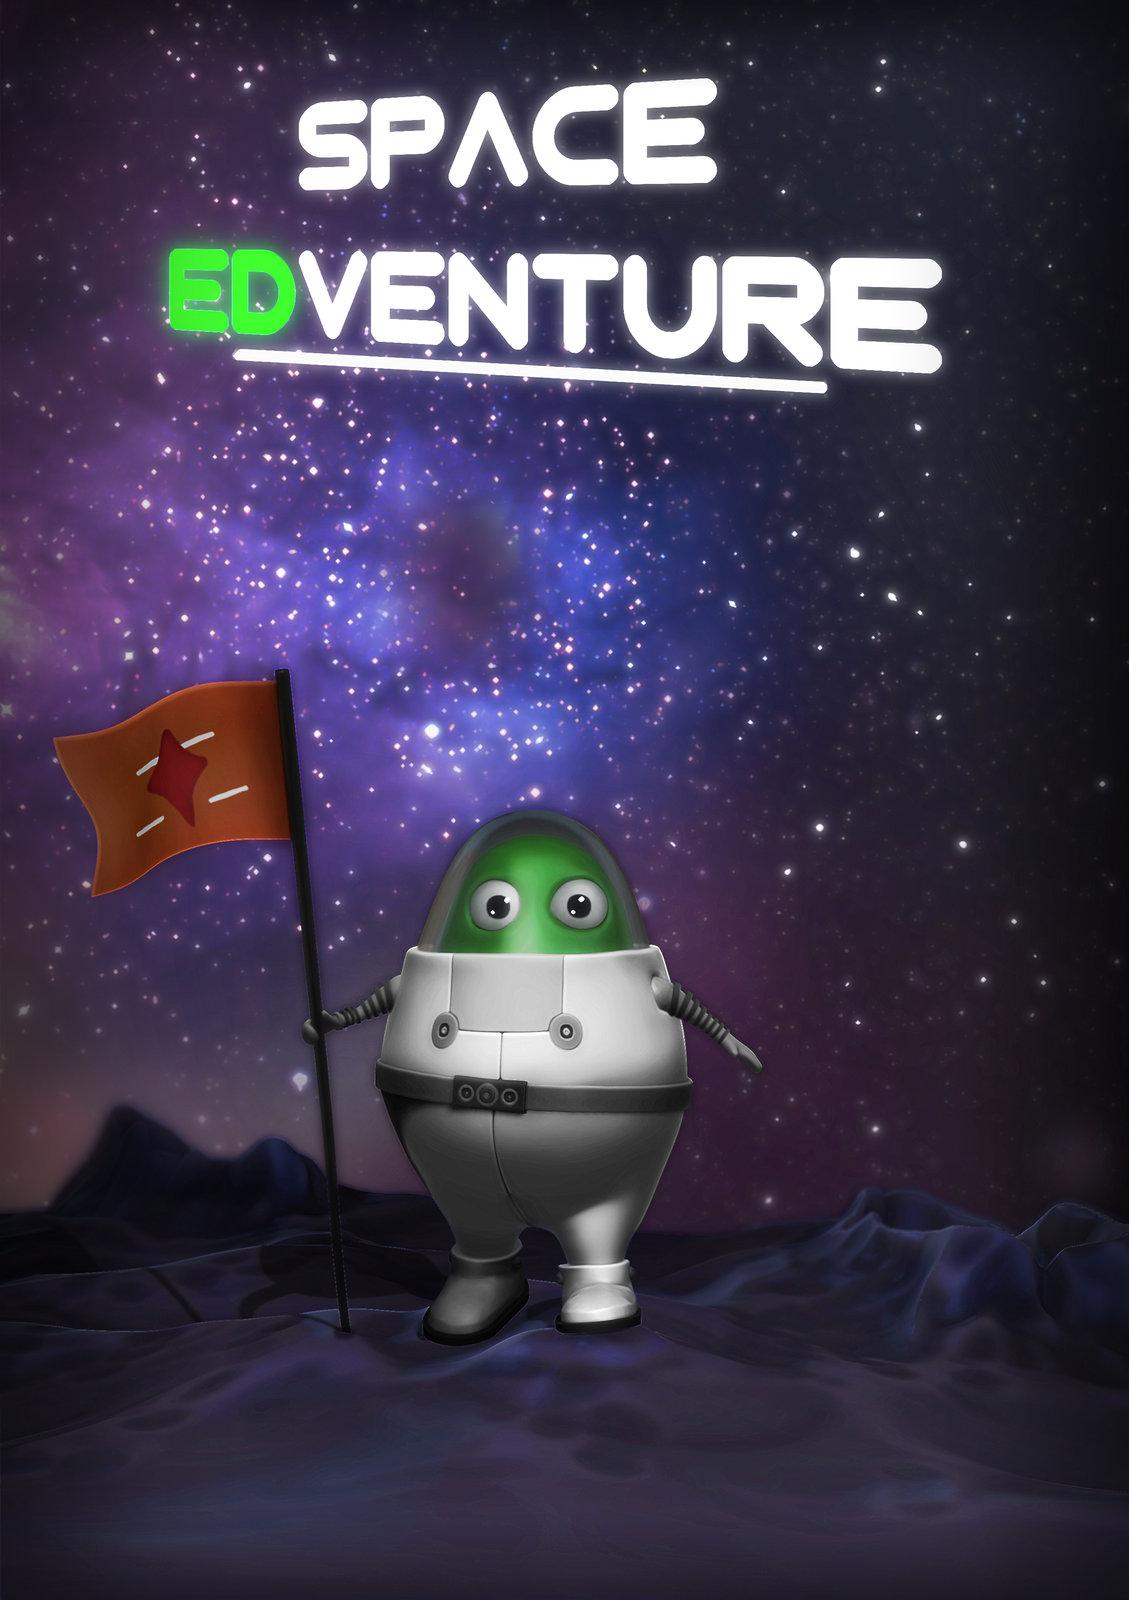 Space Edventure